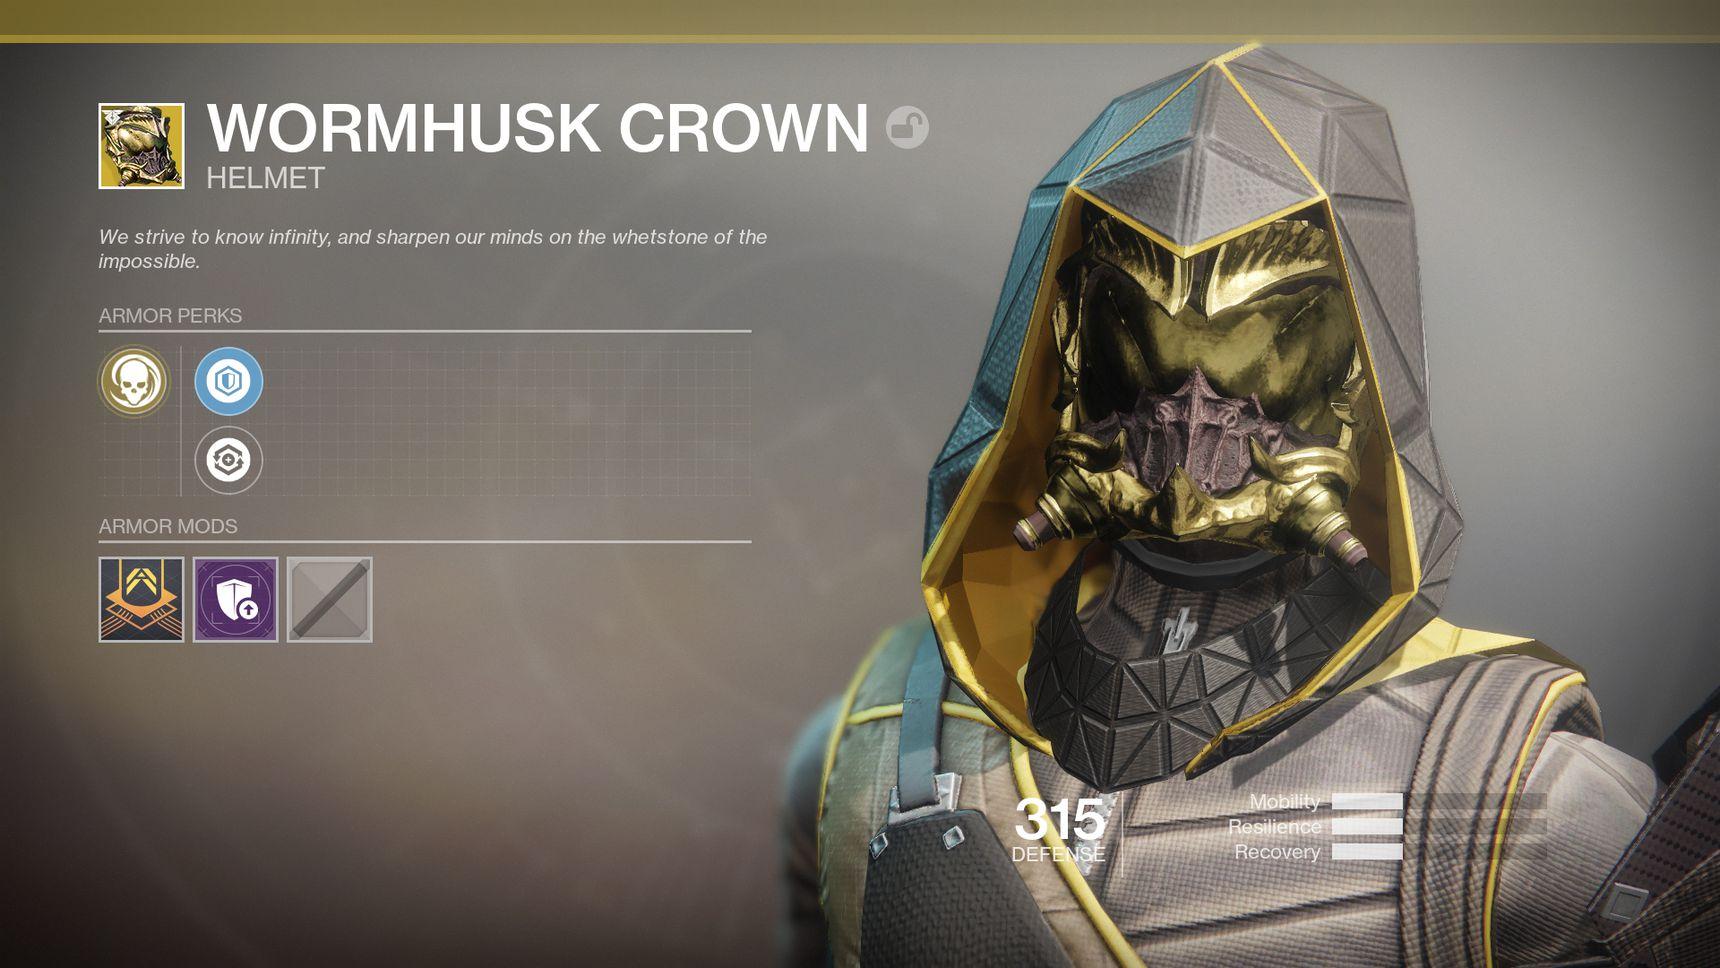 D2_DLC2_Ehunter_Wormhusk_Crown